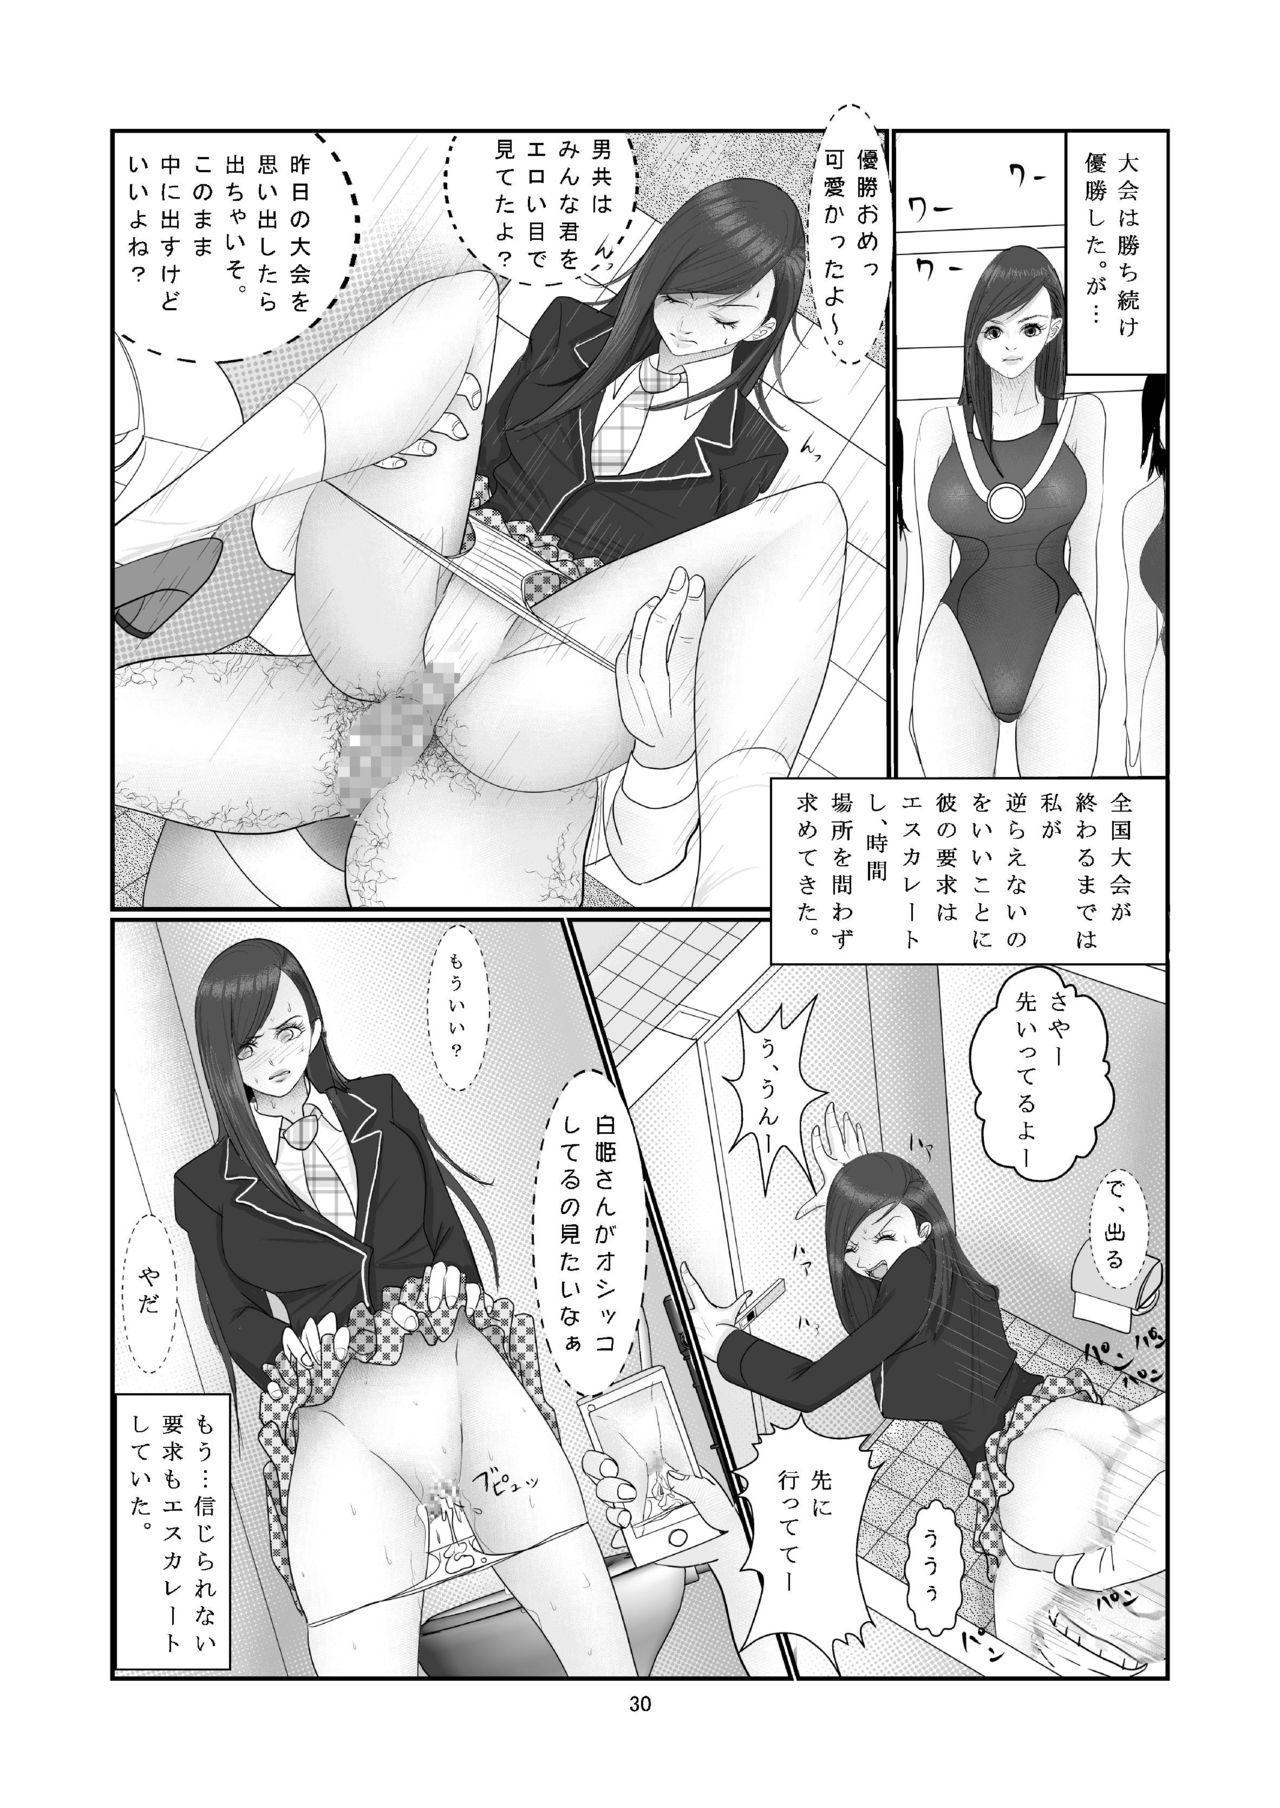 Suieibu - Shirahime Saya no Dokuzai 30